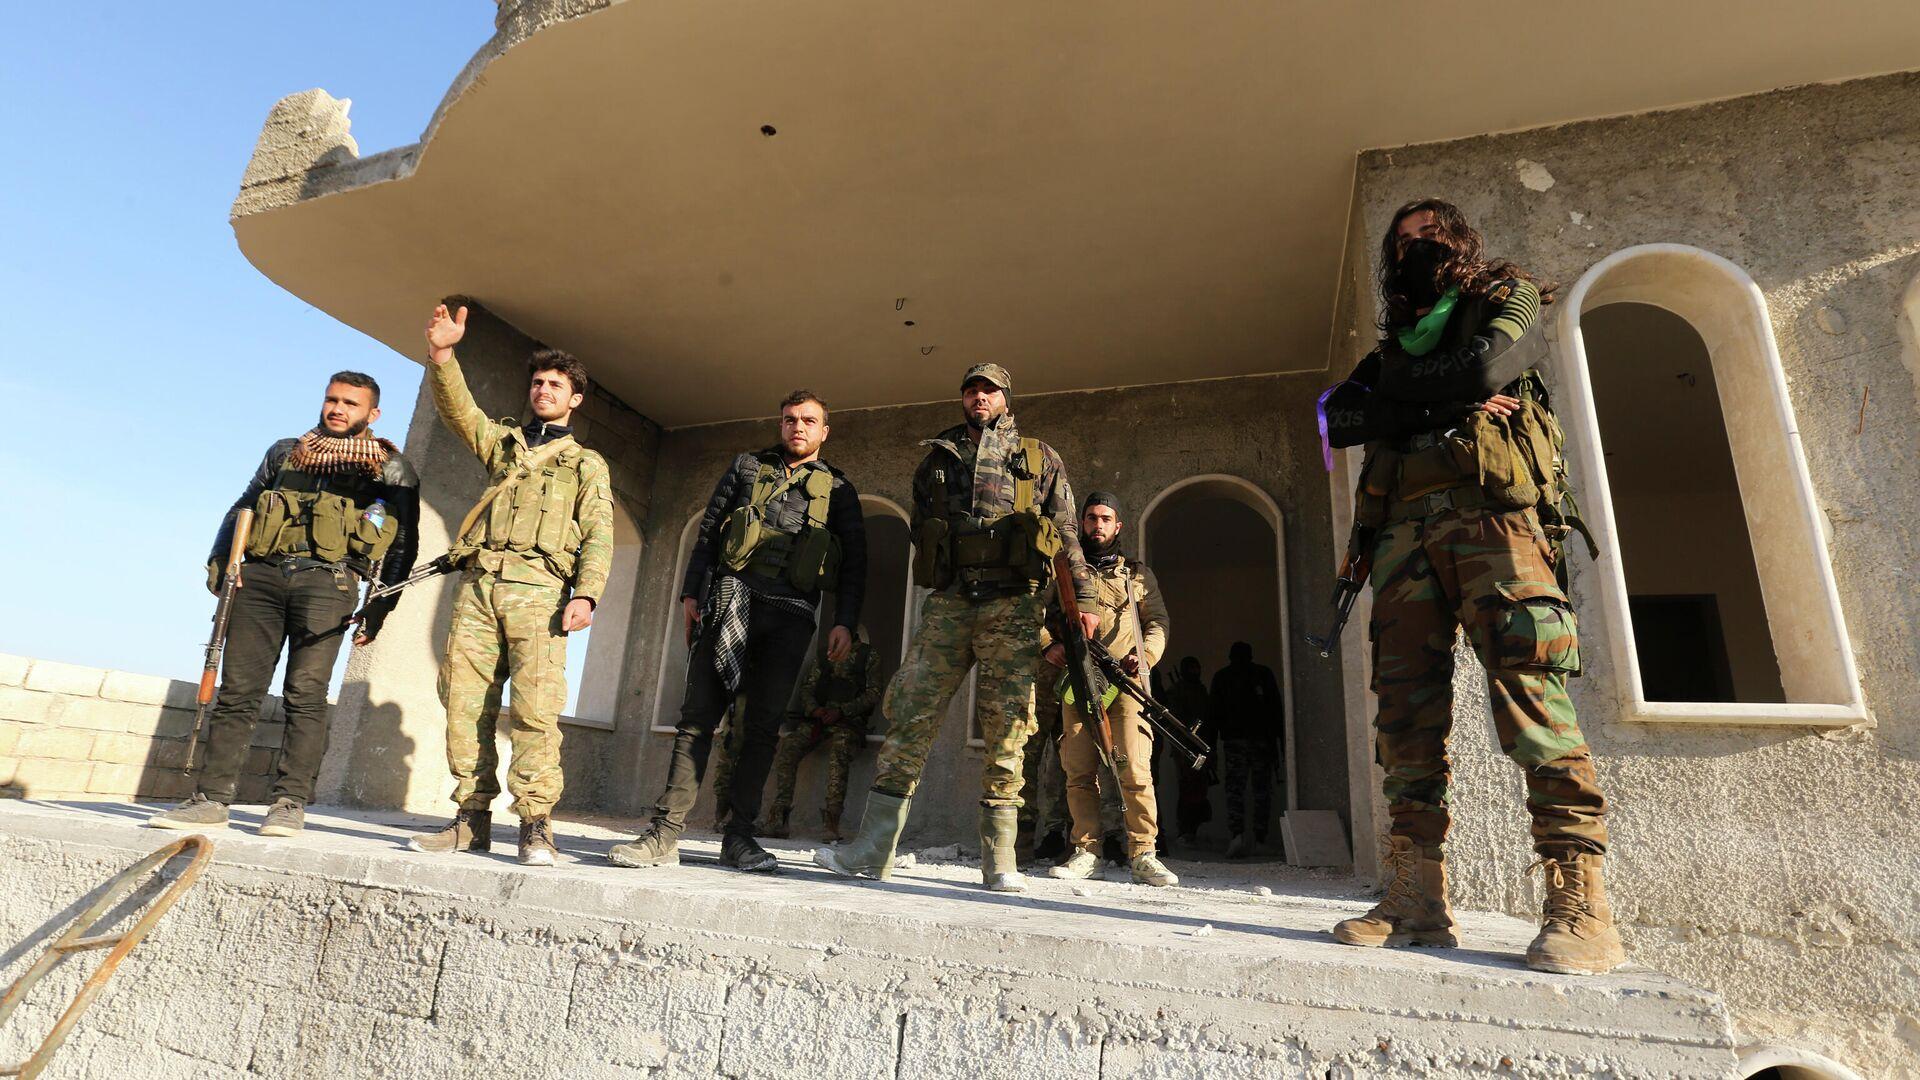 Поддерживаемые Турцией сирийские повстанцы в пригороде Саракеба в провинции Идлиб, Сирия. 27 февраля 2020 - РИА Новости, 1920, 27.10.2020